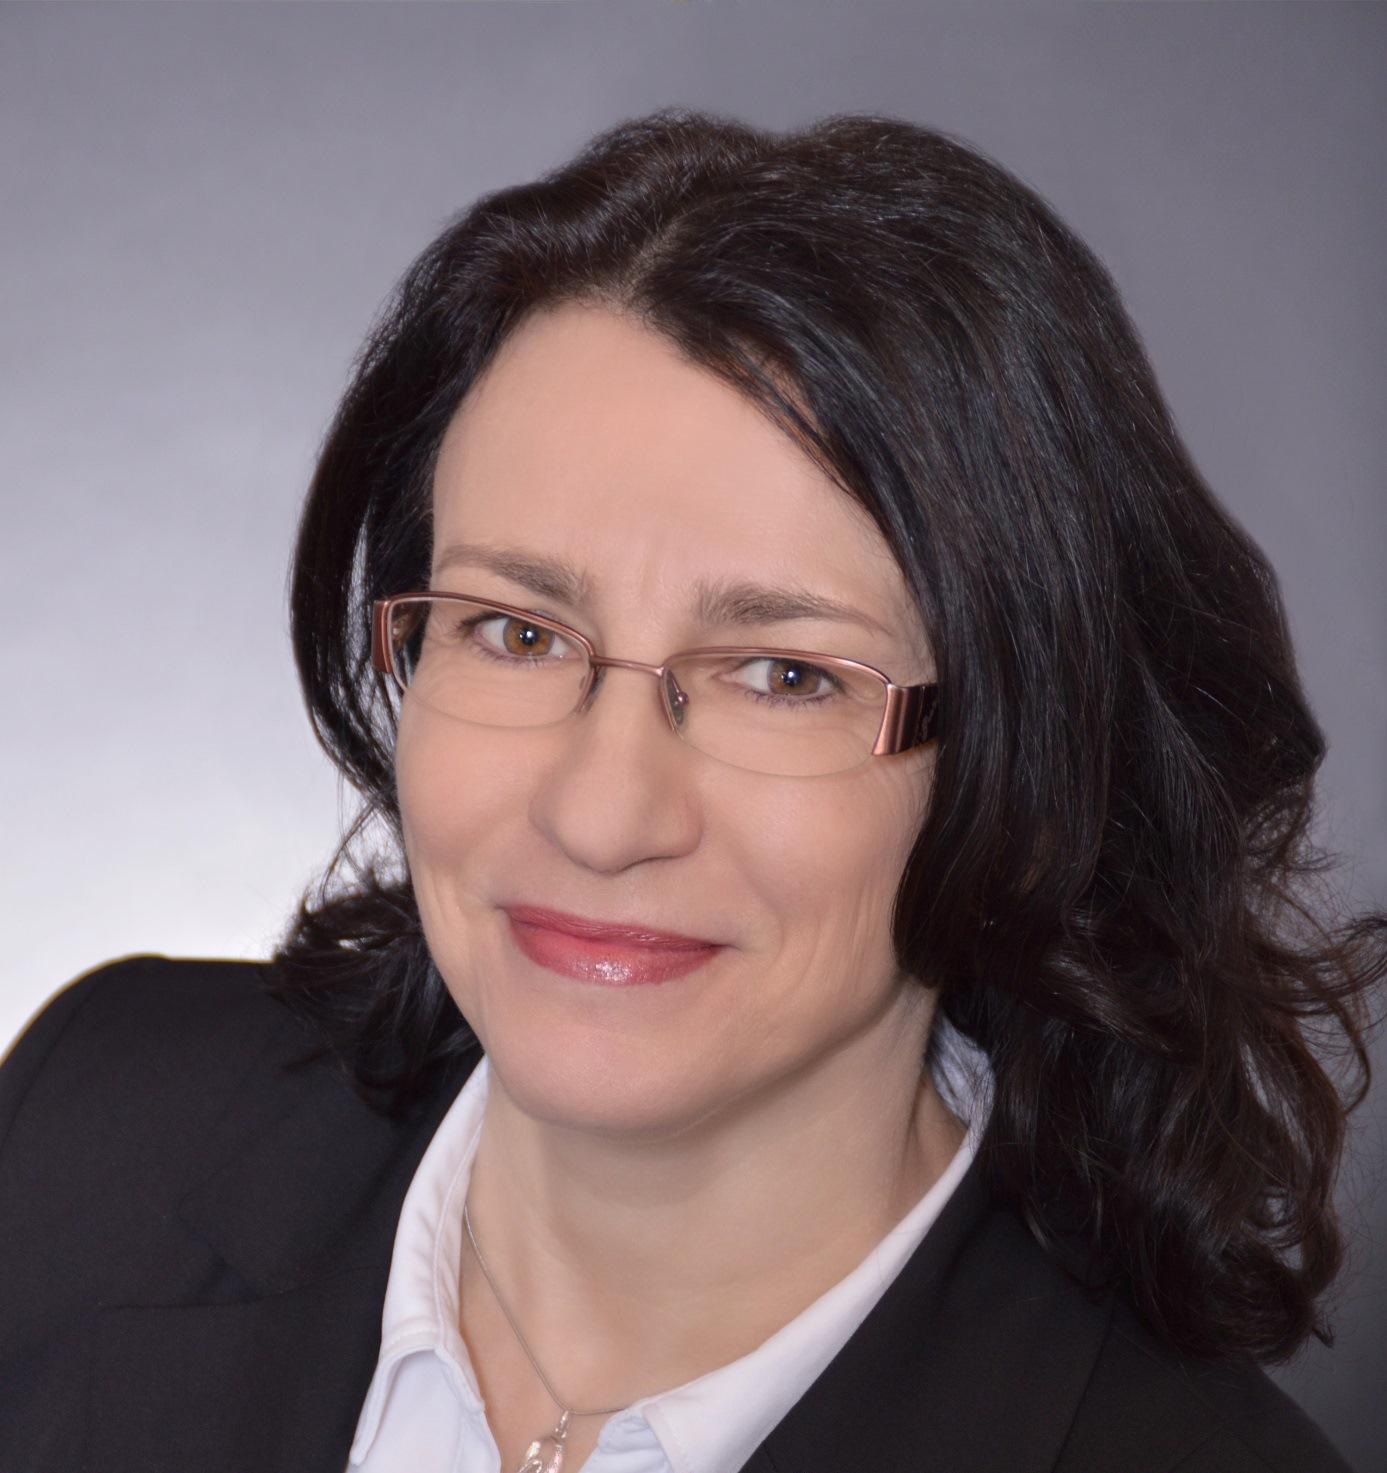 Kerstin Albrecht